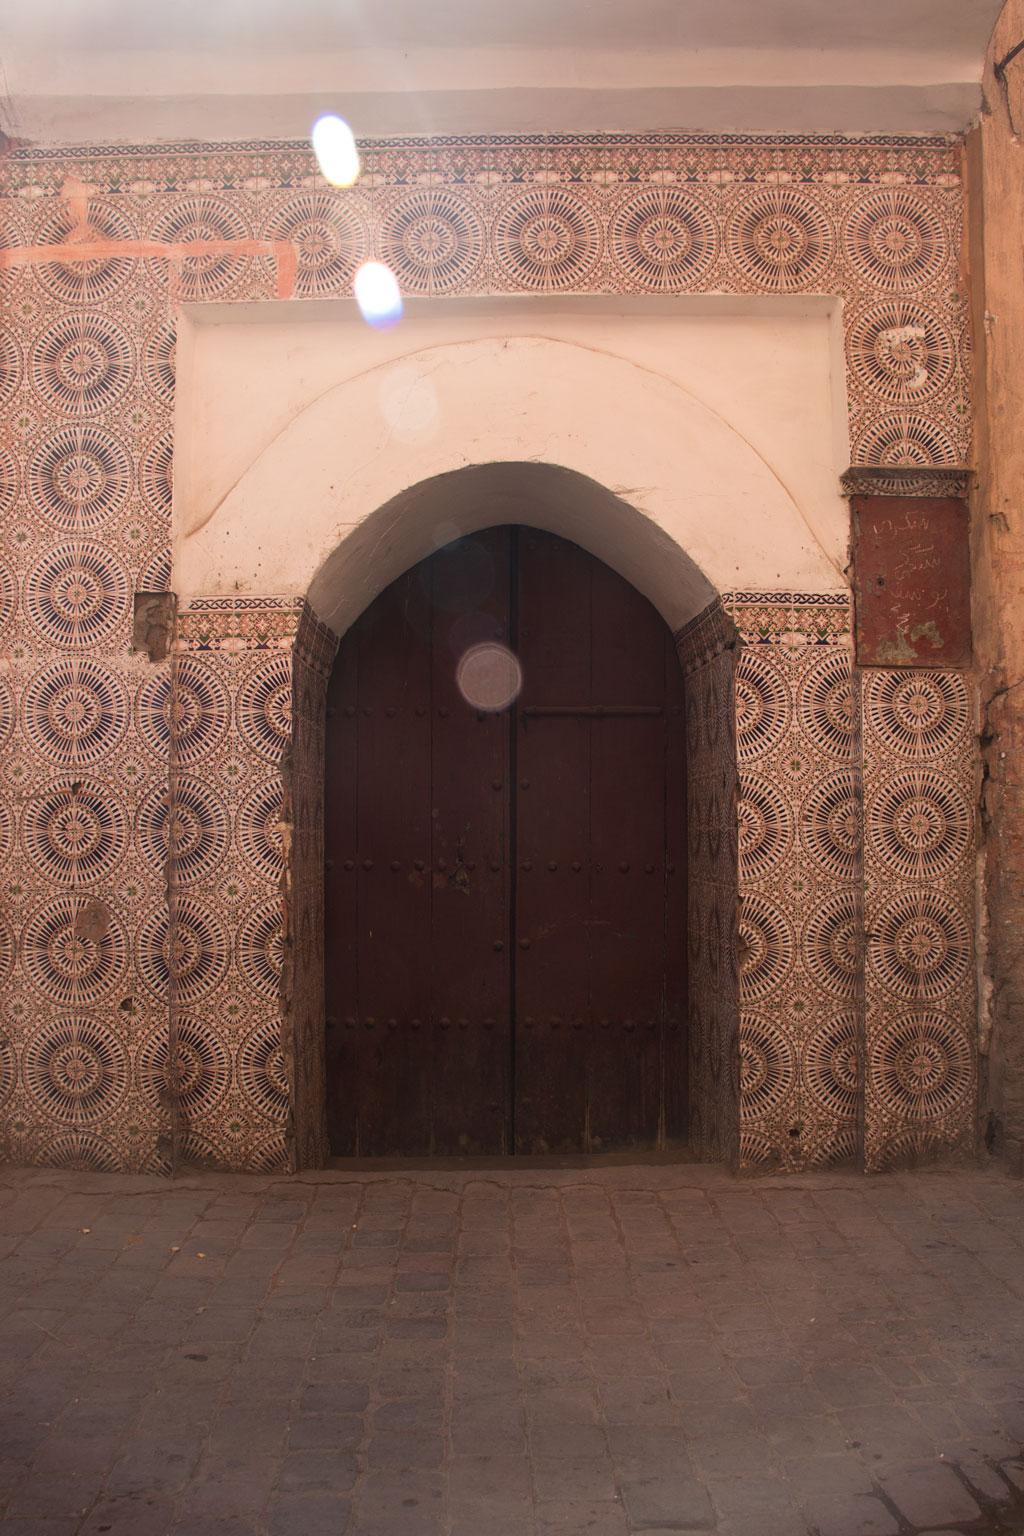 Marokko Trip –Marrakesch –Tür in der Medina |SOMEWHERE ELSE